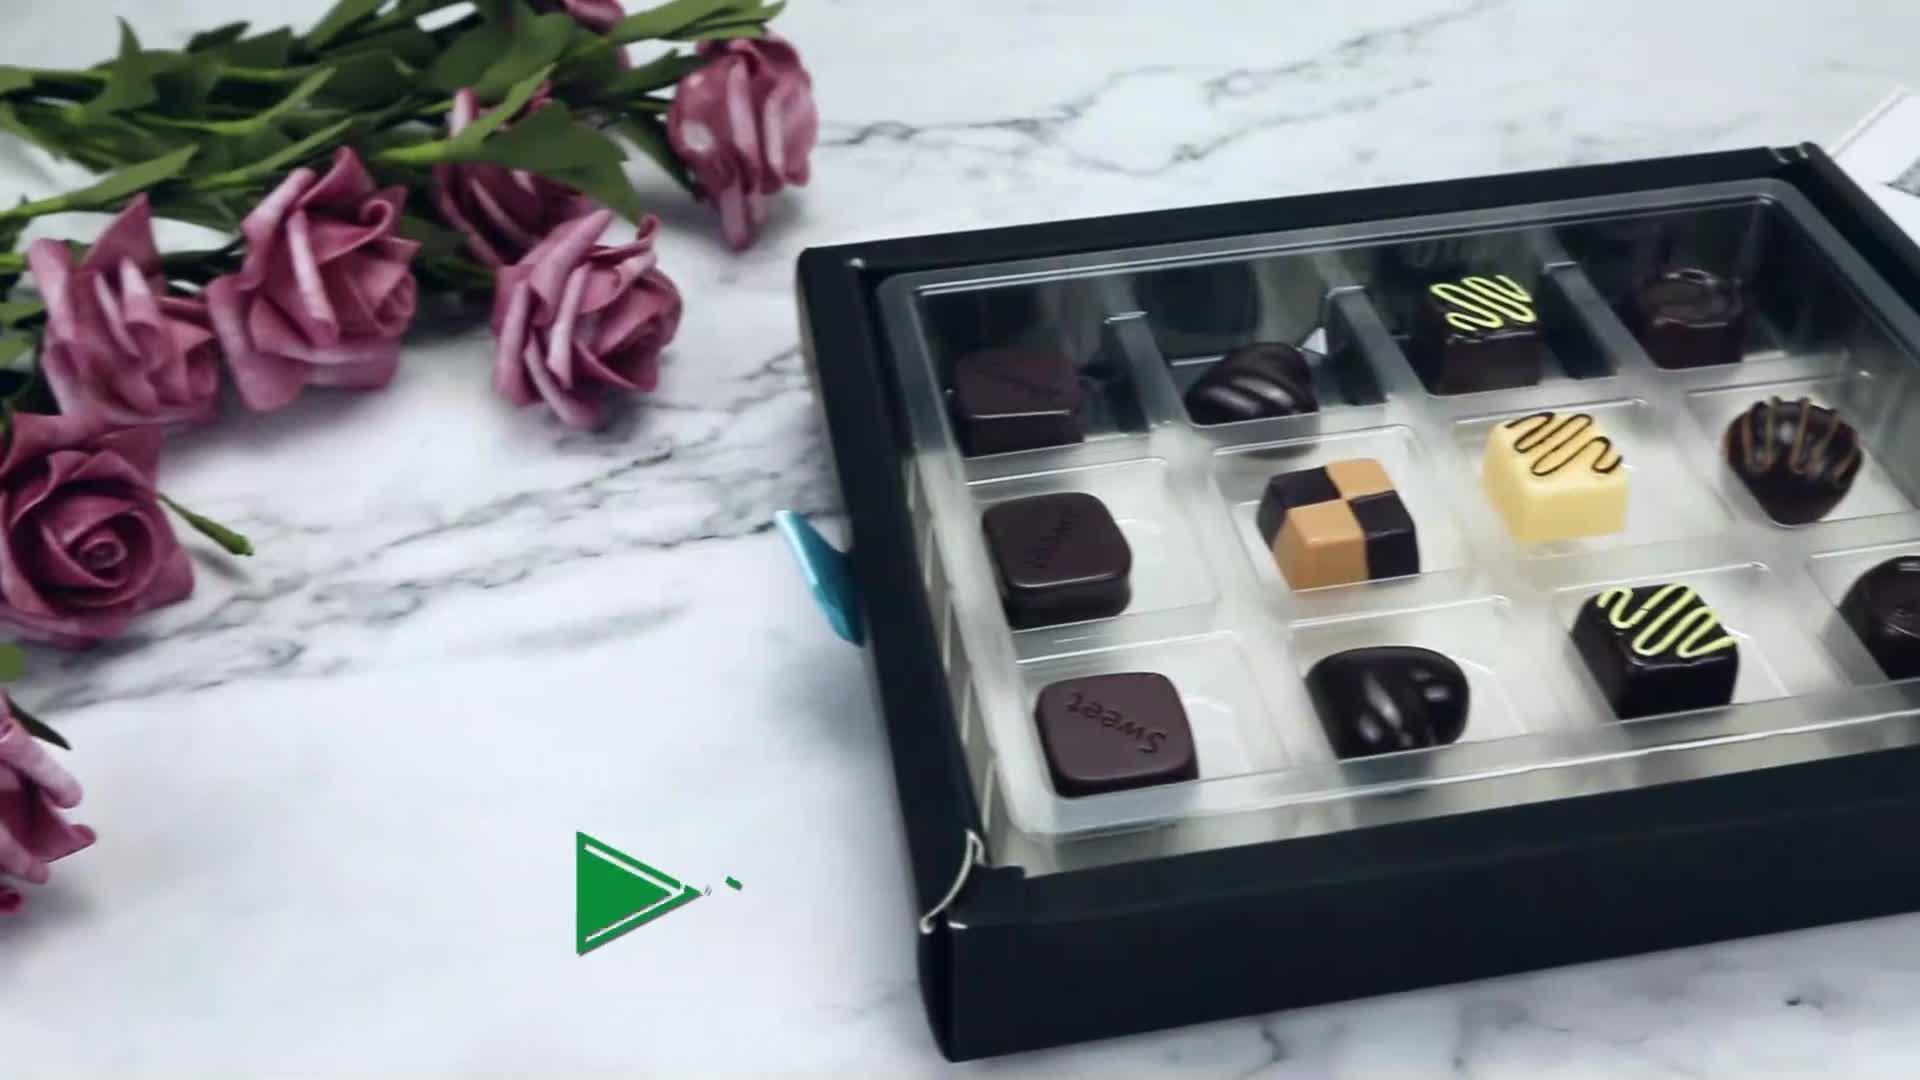 Descartáveis De Plástico PET Embalagem de Chocolate Bandejas Bandeja de Blister De Chocolate transparente